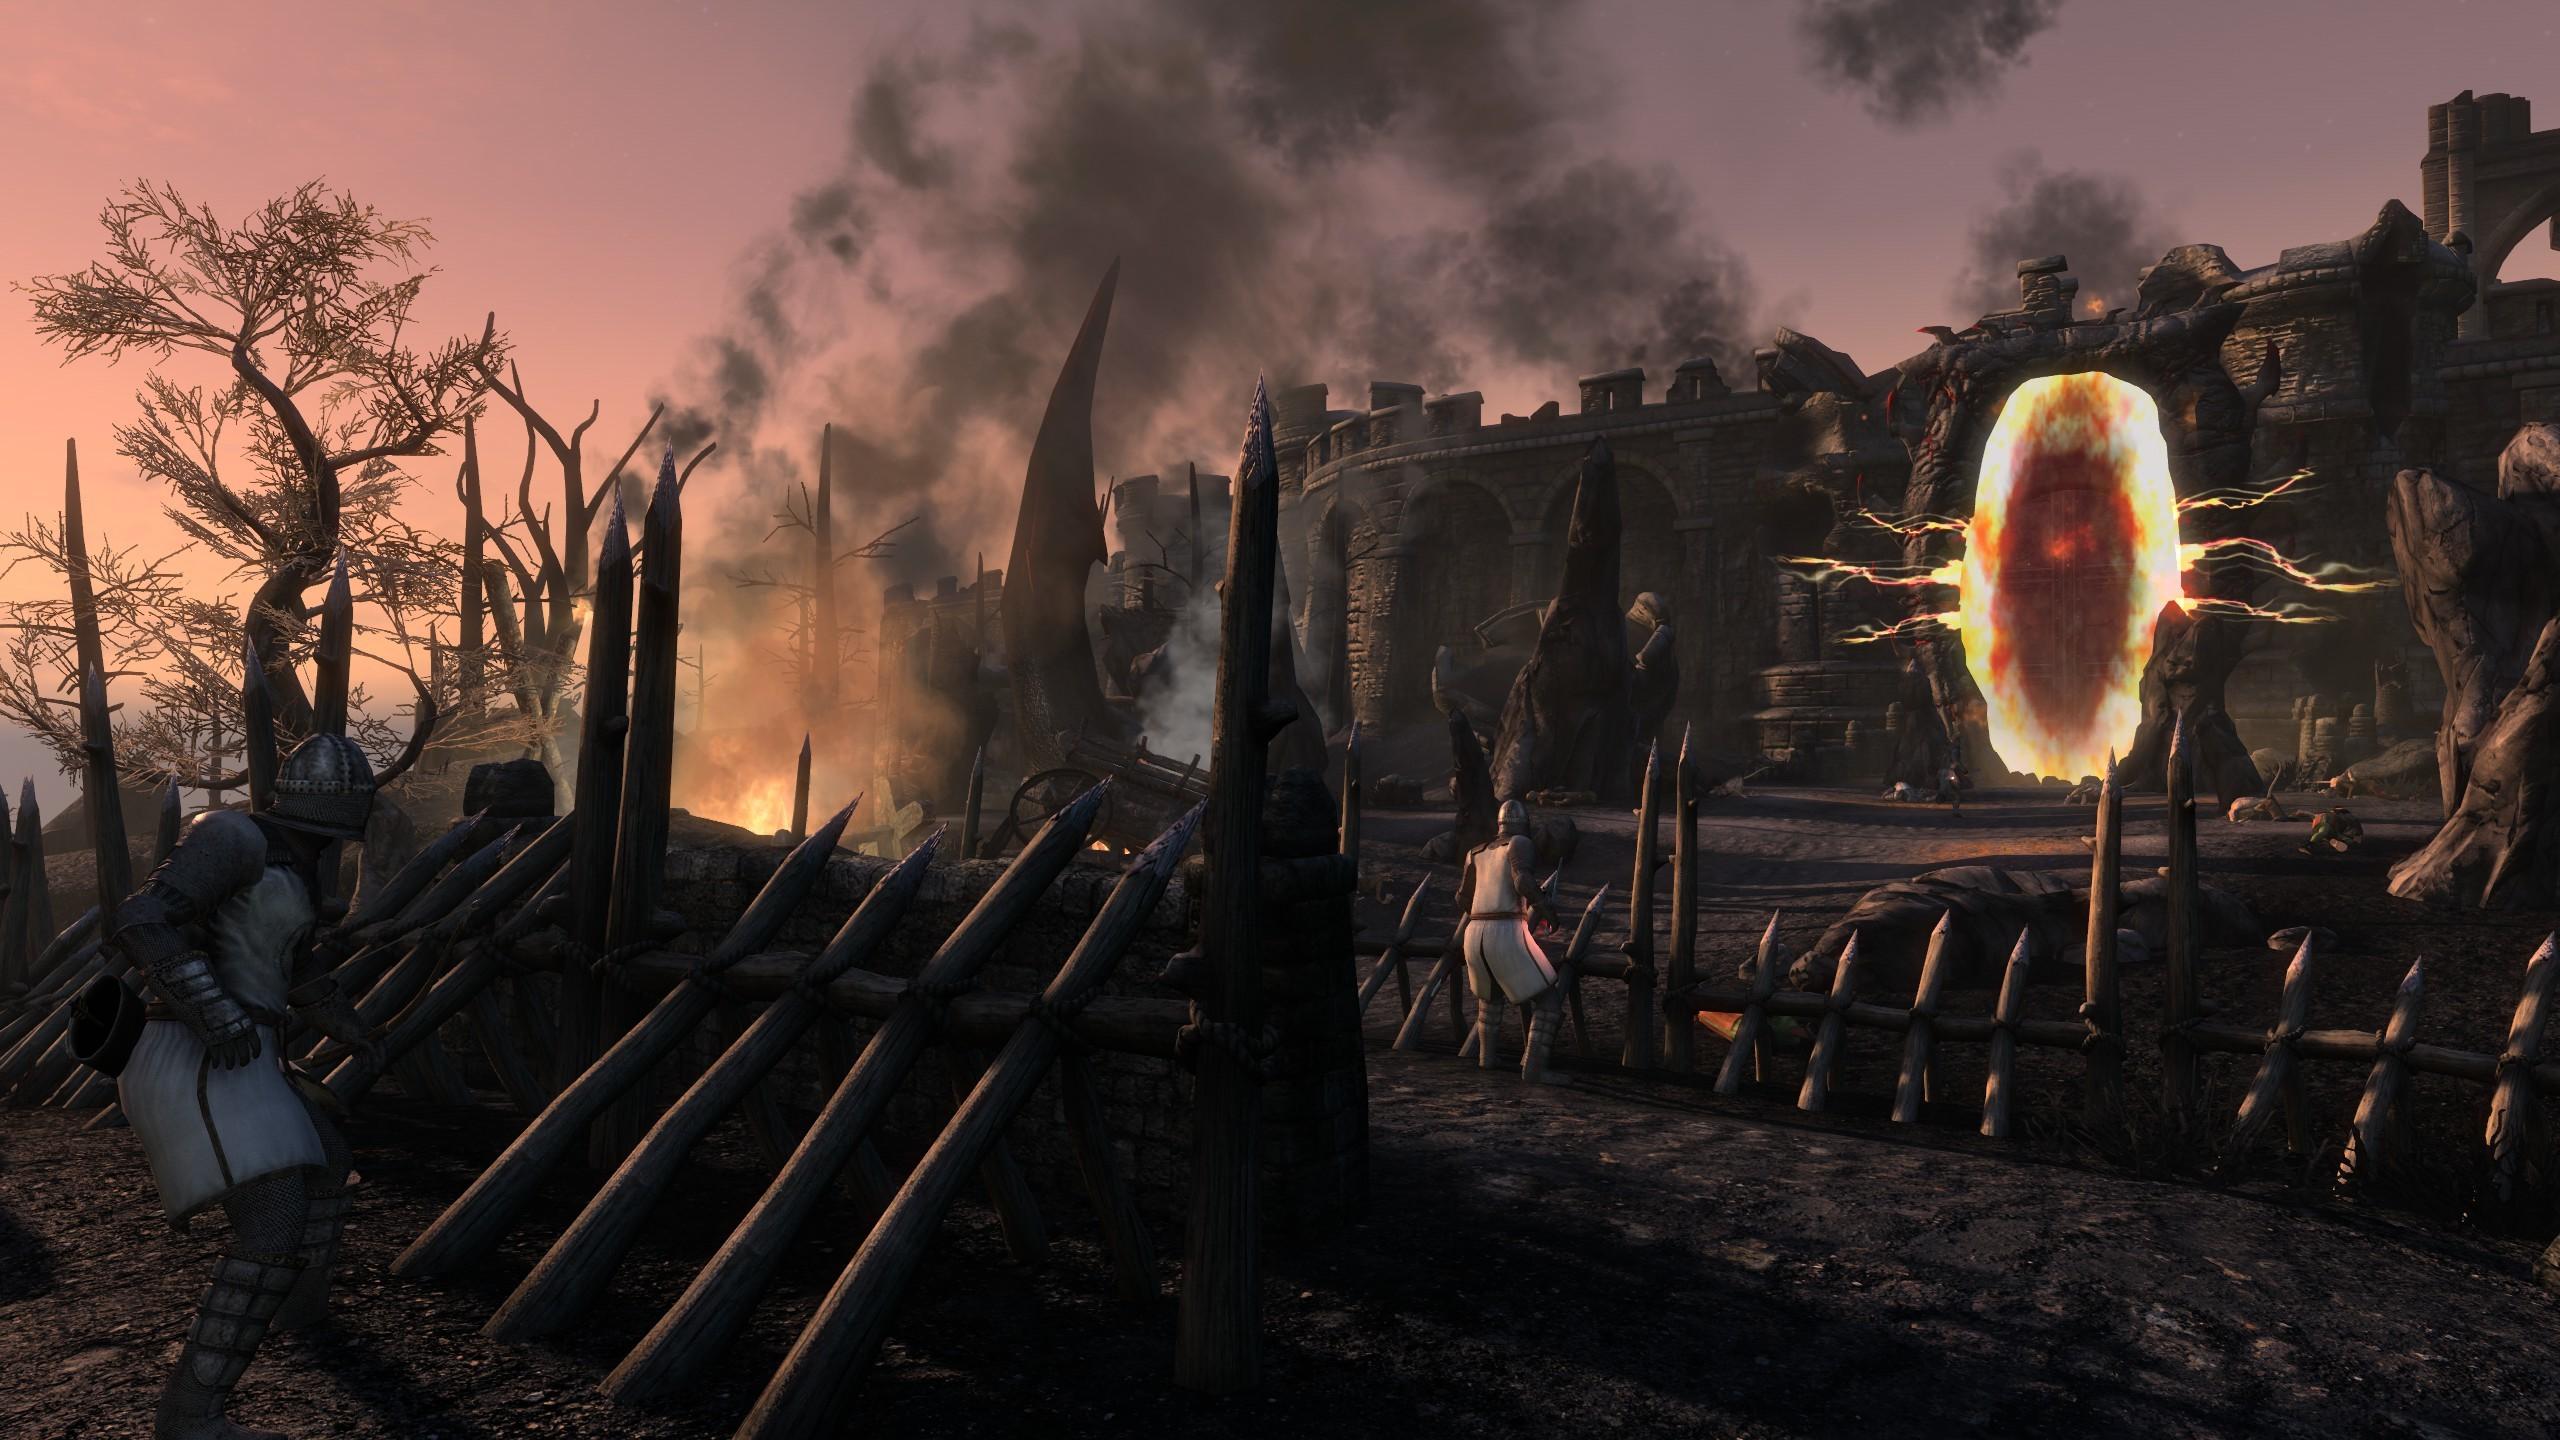 Fans Recreating The Elder Scrolls IV: Oblivion in Skyrim Engine